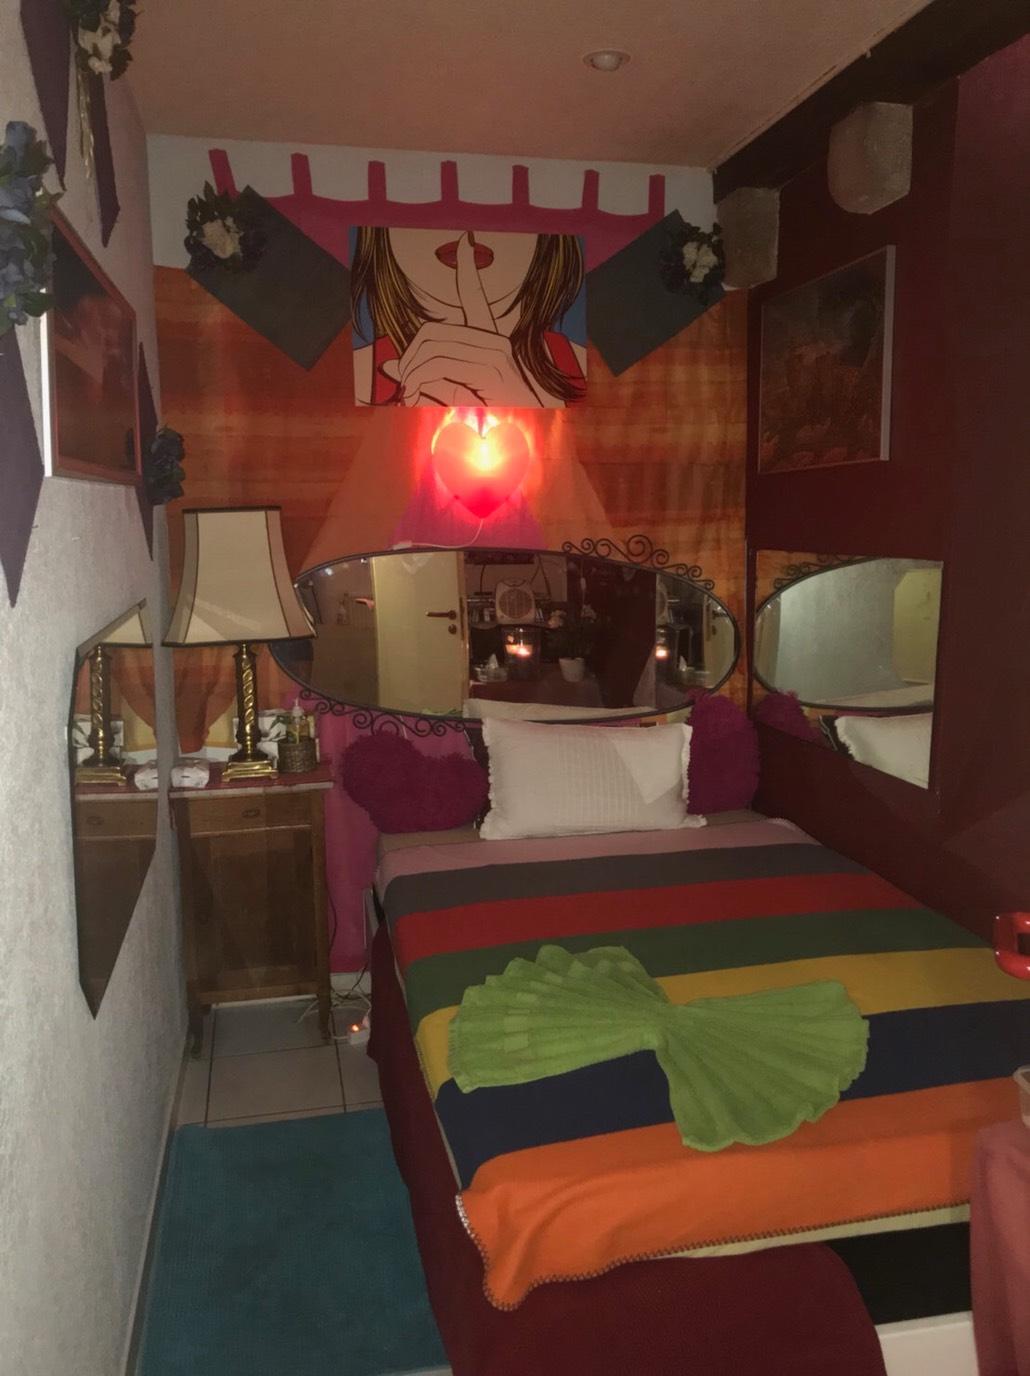 Zimmer Klein 1 Back To Home Sauna Florida Jauslan1